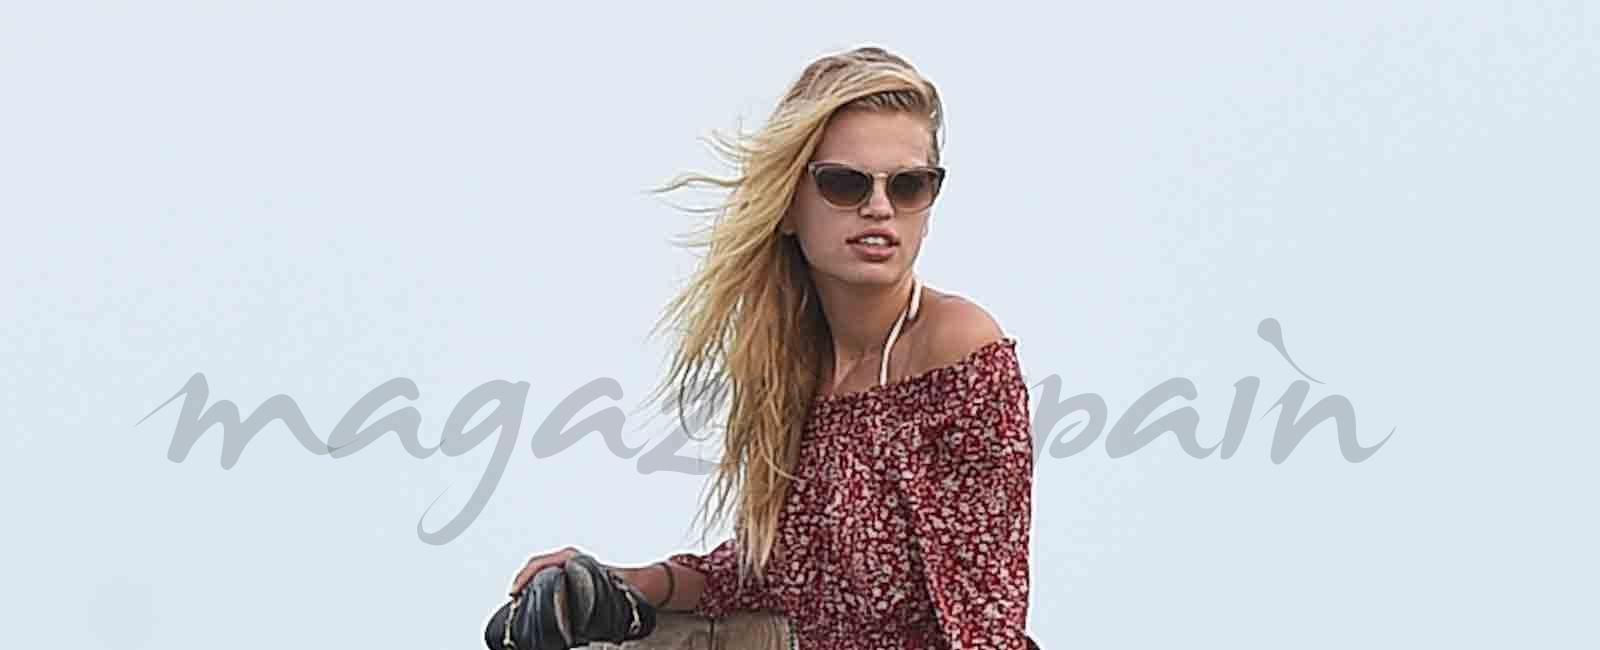 El Ángel de Victoria's Secret Taylor Hill y su novio, vacaciones en Saint-Tropez